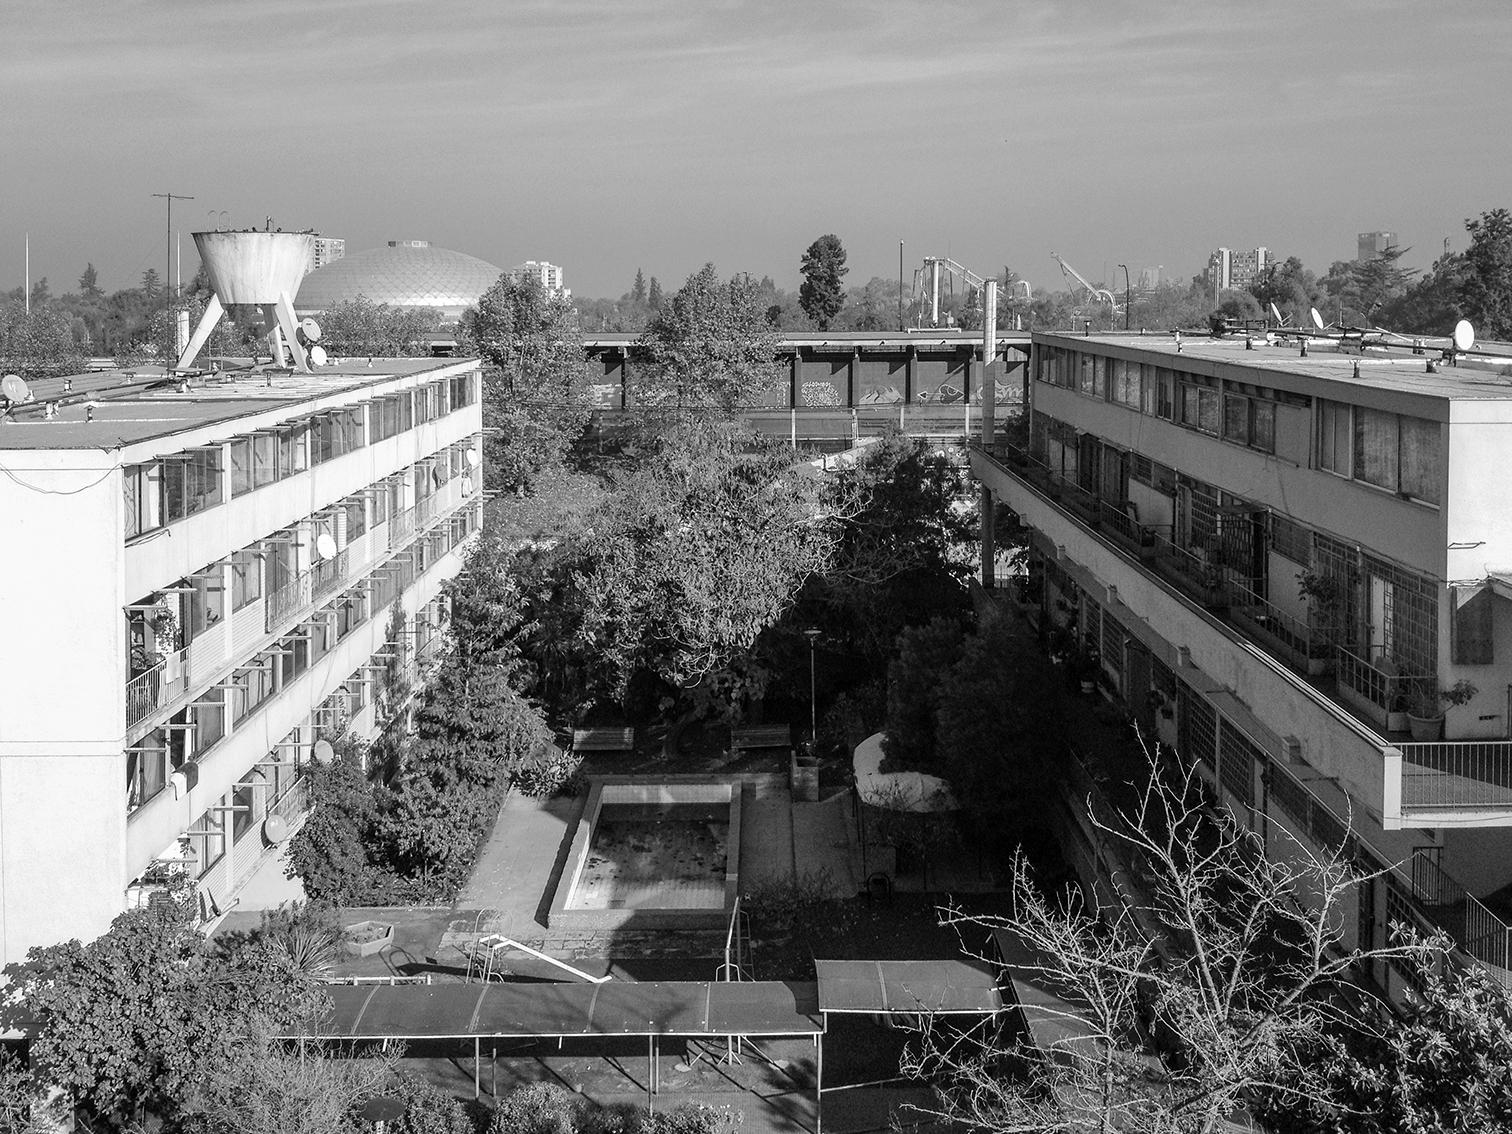 Clásicos de Arquitectura: Conjunto Habitacional Matta Viel / Bresciani Valdés Castillo Huidobro